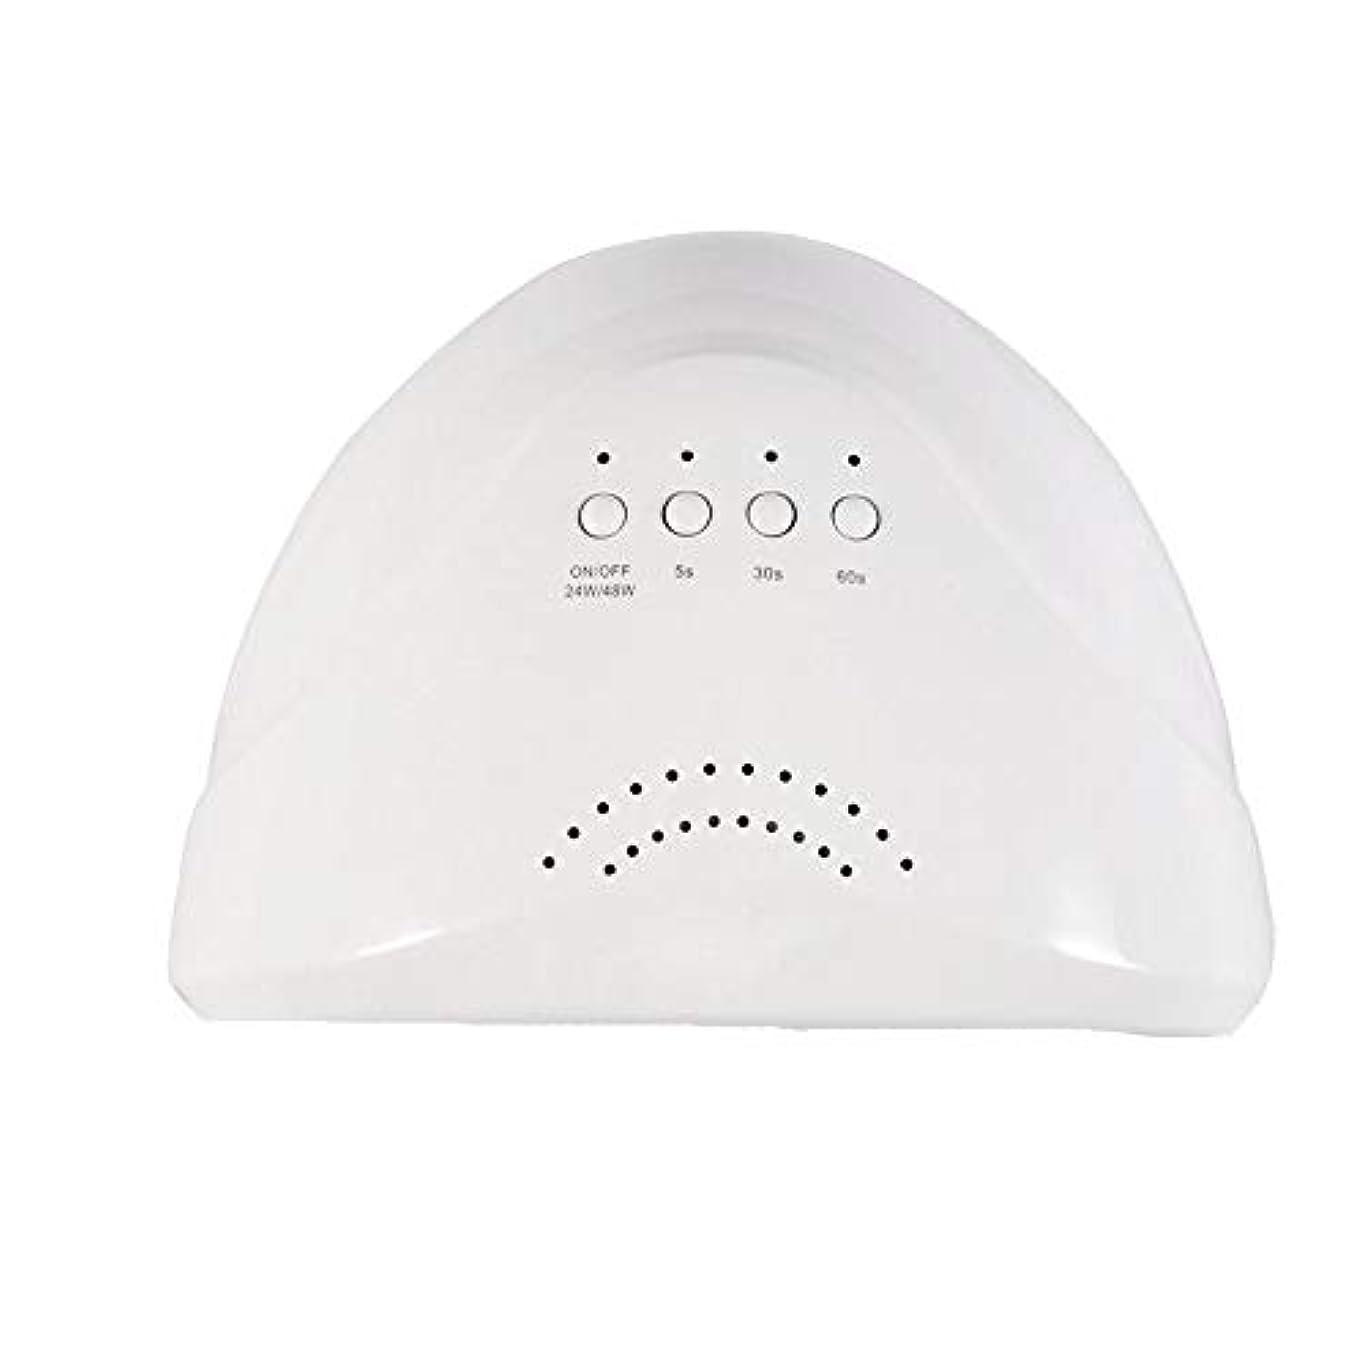 つばセレナ電化するYESONEEP ネイルランプドライヤー太陽光療法機UV Led光線療法ランプ48ワット誘導ネイルランプライトマニキュアツール (Size : 48W)